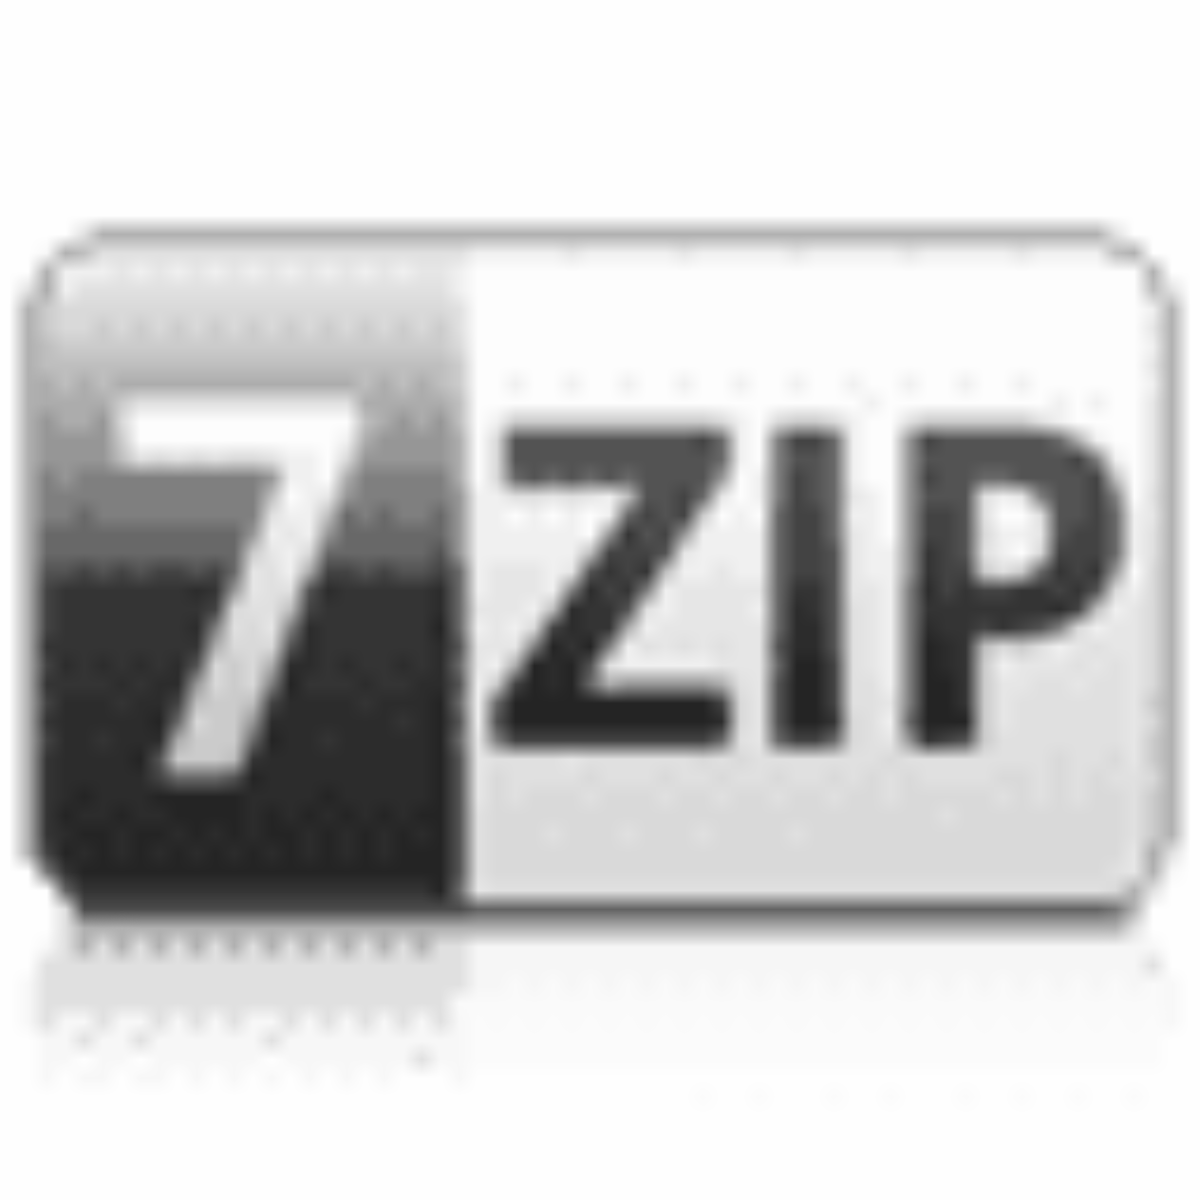 ダウンロード 7zip ダウンロード